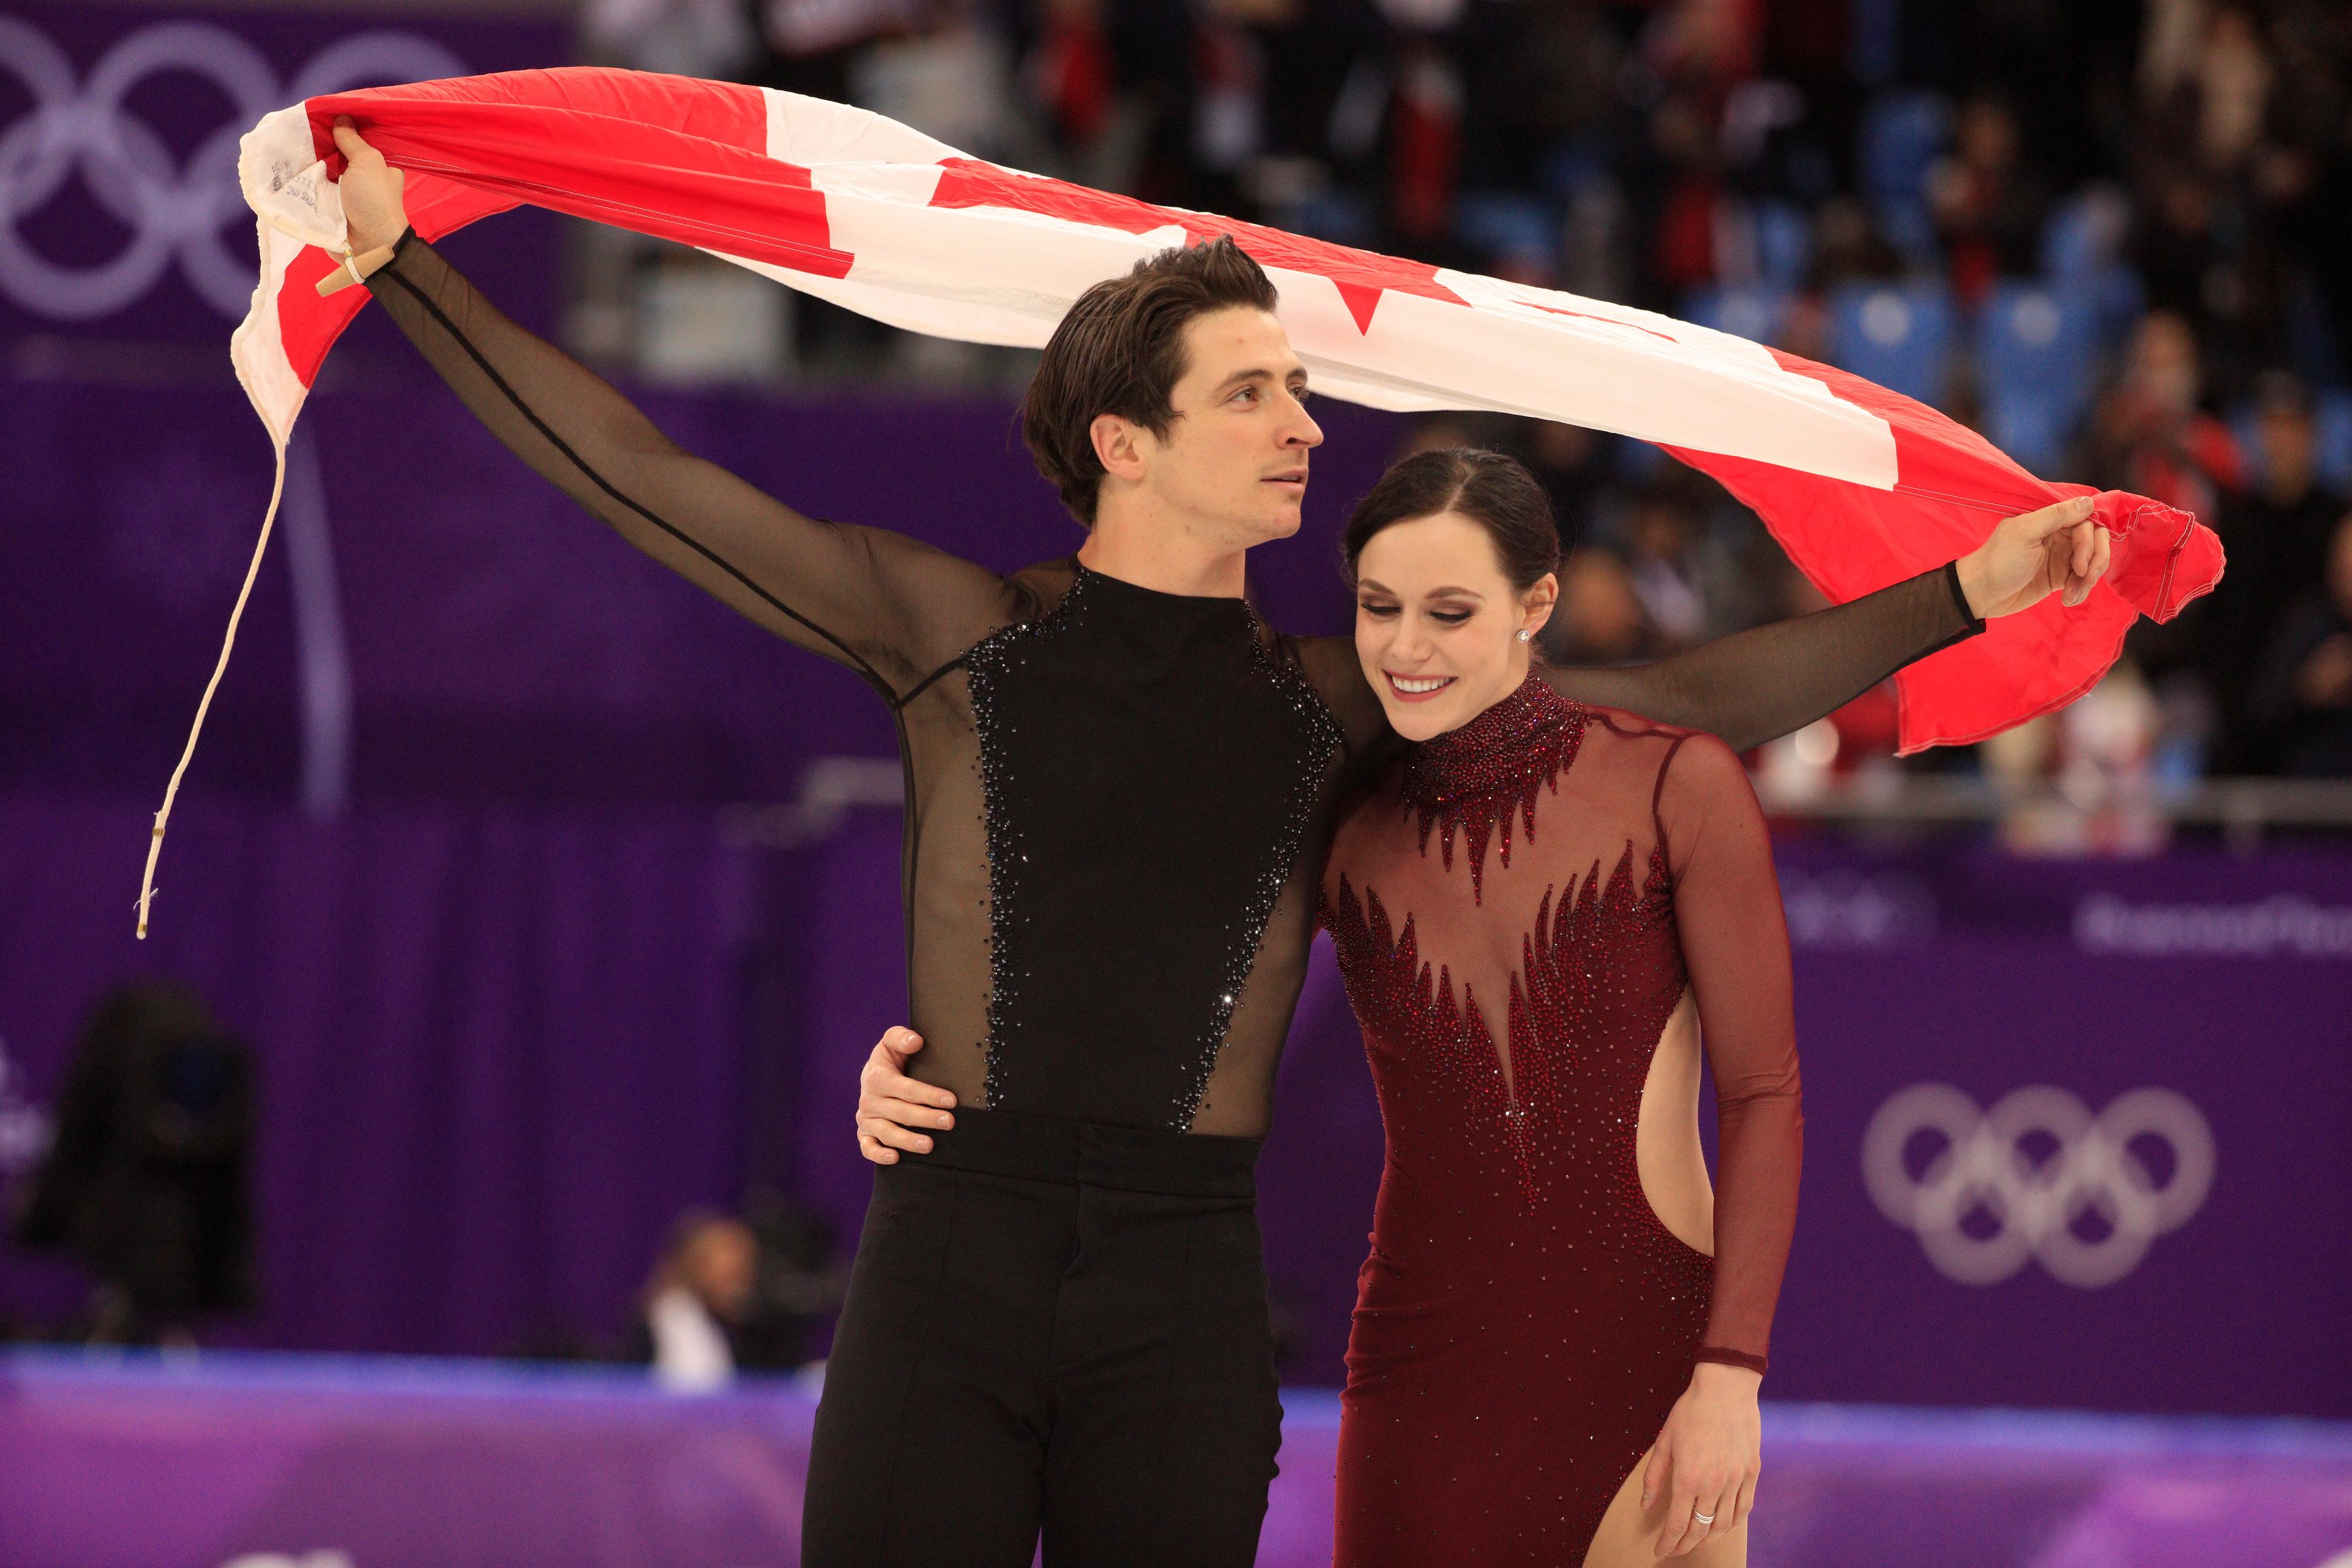 Tessa Virtue et Scott Moir effectuent un tour de piste avec le drapeau canadien après avoir décroché la médaille d'or en danse sur glace aux Jeux olympiques de PyeongChang, en Corée du Sud, le 20 février 2018.